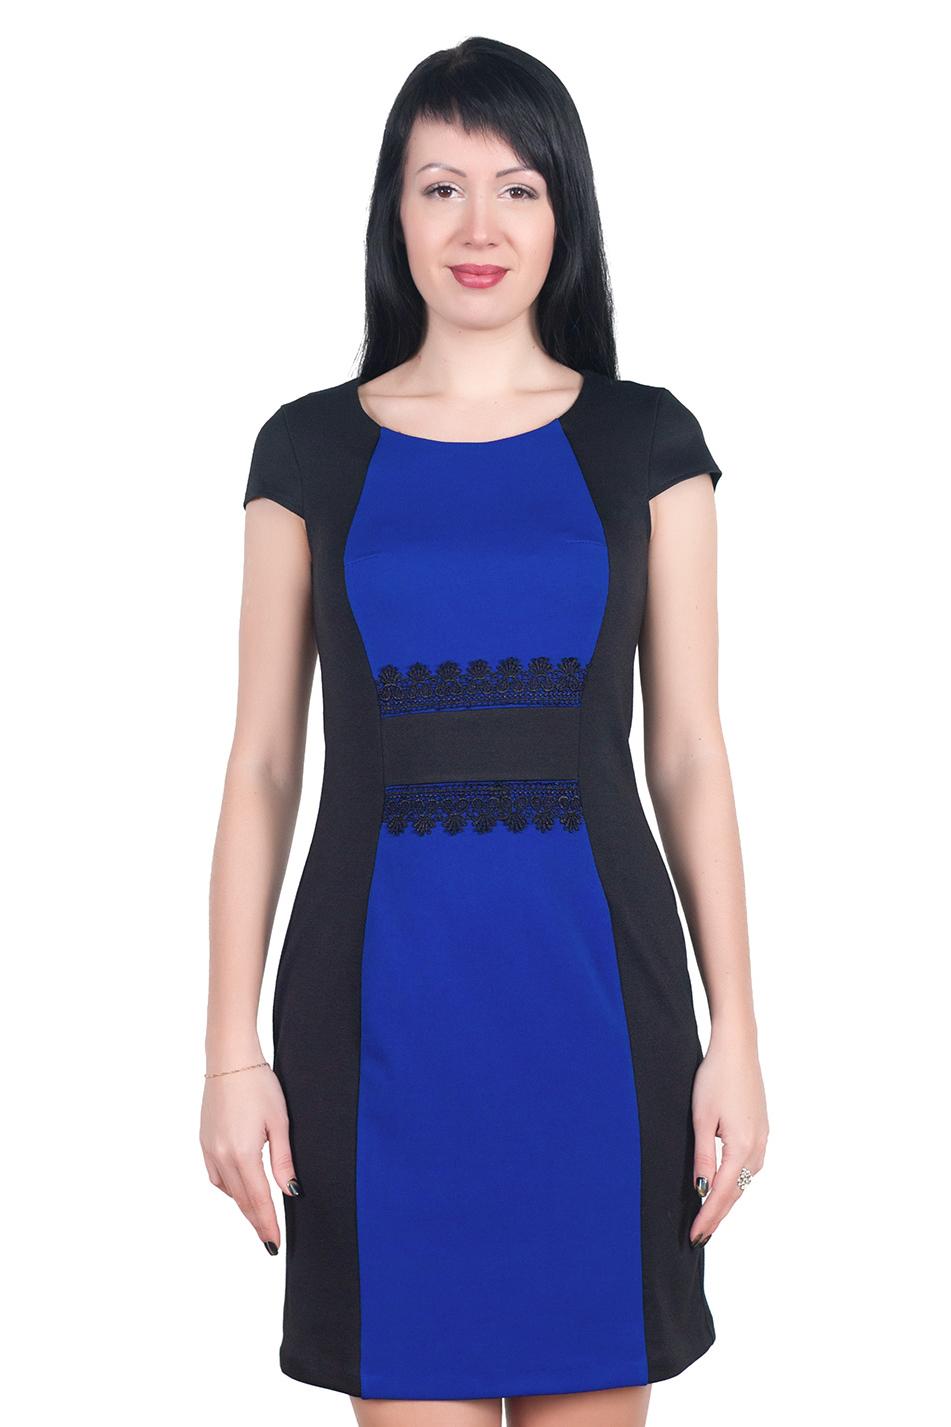 ПлатьеПлатья<br>Изумительное платье прилегающего силуэта с контрастными вставками по переду и декором из кружева. Невероятно стройнит и подчеркивает фигуру, скрывая недостатки.  Ростовка изделия 170 см.  Длина по спинке в размерах 44-48 составляет 93 см. В размерах 50-54 длина 102 см.  Длина рукава 10 см.  Цвет: черный, синий<br><br>По образу: Свидание,Город,Офис<br>По стилю: Офисный стиль,Повседневный стиль<br>По материалу: Вискоза,Трикотаж<br>По рисунку: Цветные<br>По сезону: Осень,Весна<br>По форме: Платье - футляр<br>По длине: До колена<br>Рукав: Короткий рукав<br>Горловина: С- горловина<br>Размер: 44,46,48,50,52<br>Материал: 50% вискоза 43% полиэстер 7% эластан<br>Количество в наличии: 5